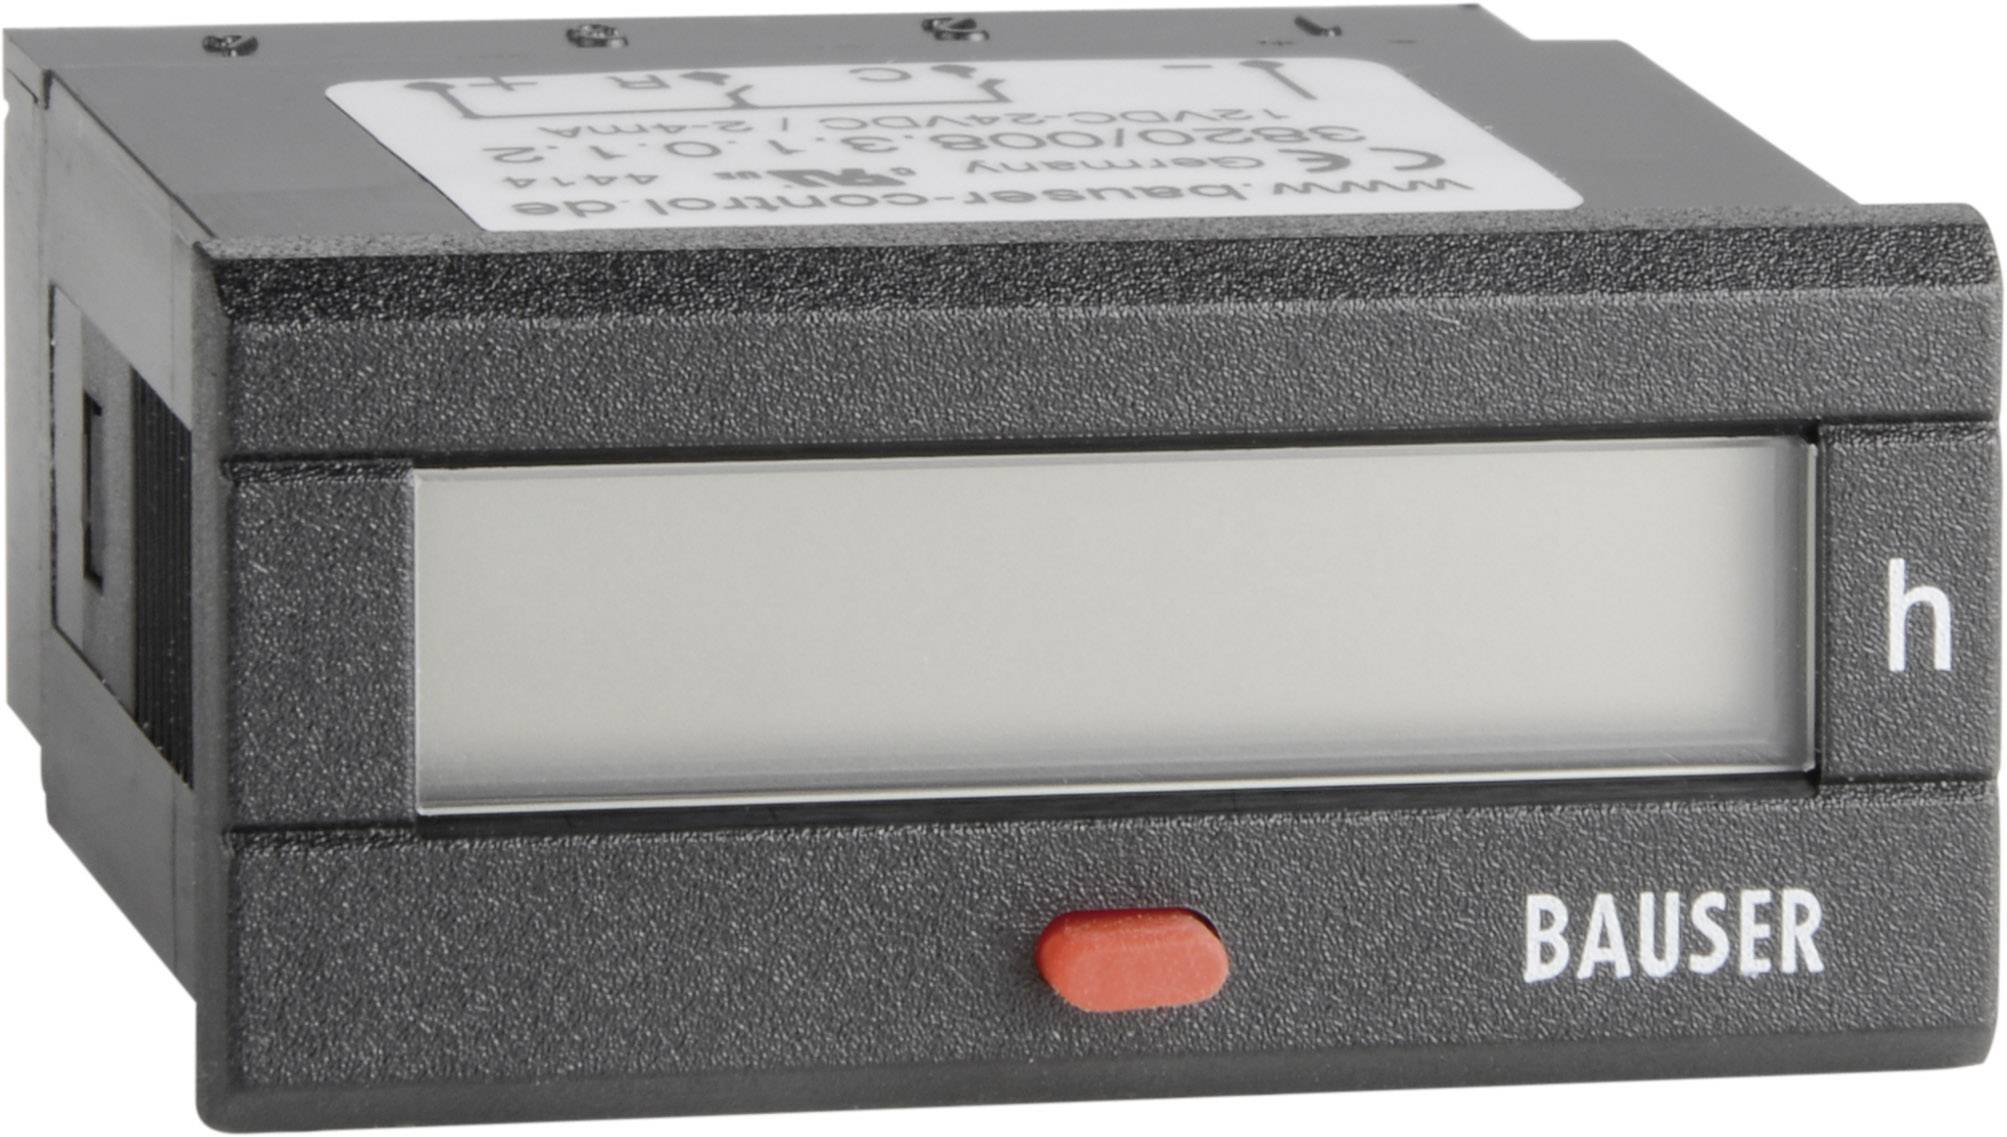 Dvojité počítadlo prevádzkových hodín Bauser Twin BZ/BZ 12 - 24 V/DC, 45 x 22 mm